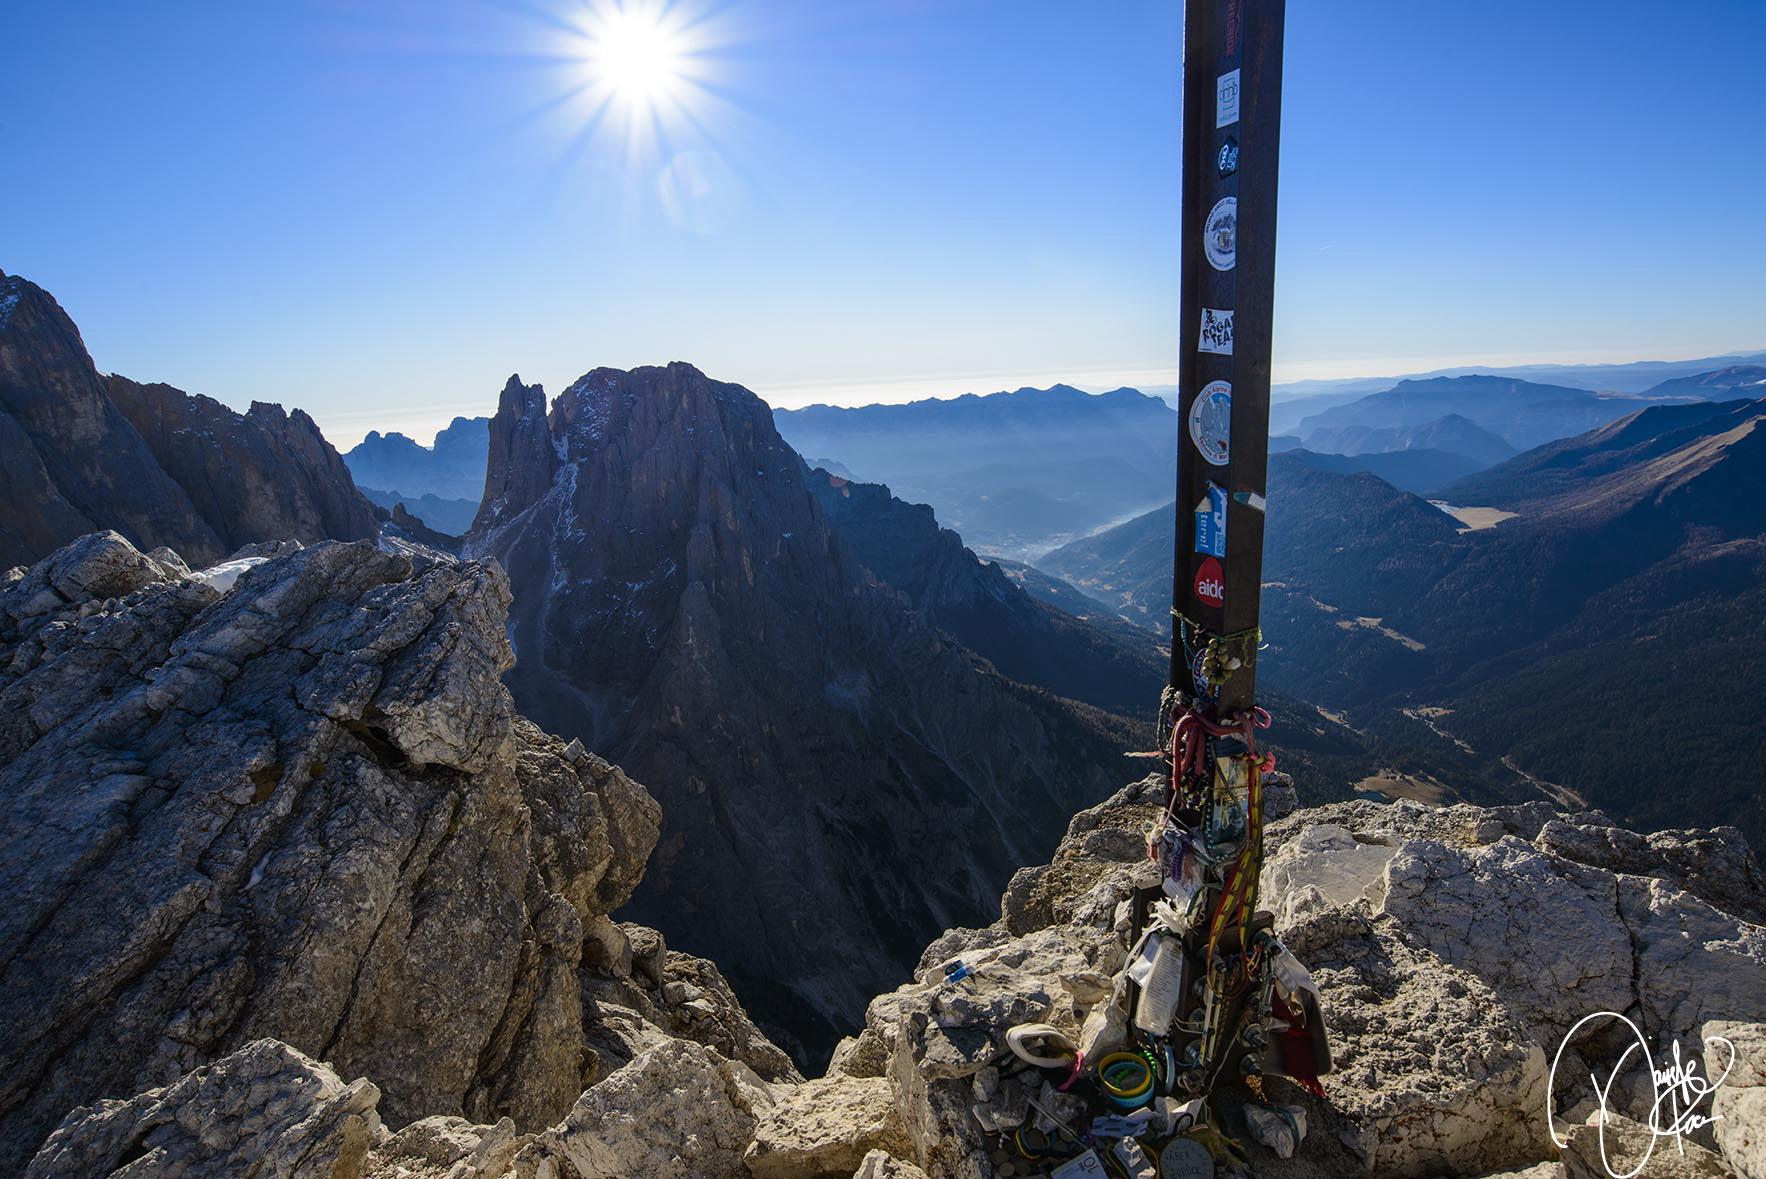 Daniele Pace fotografare in viaggio montagna